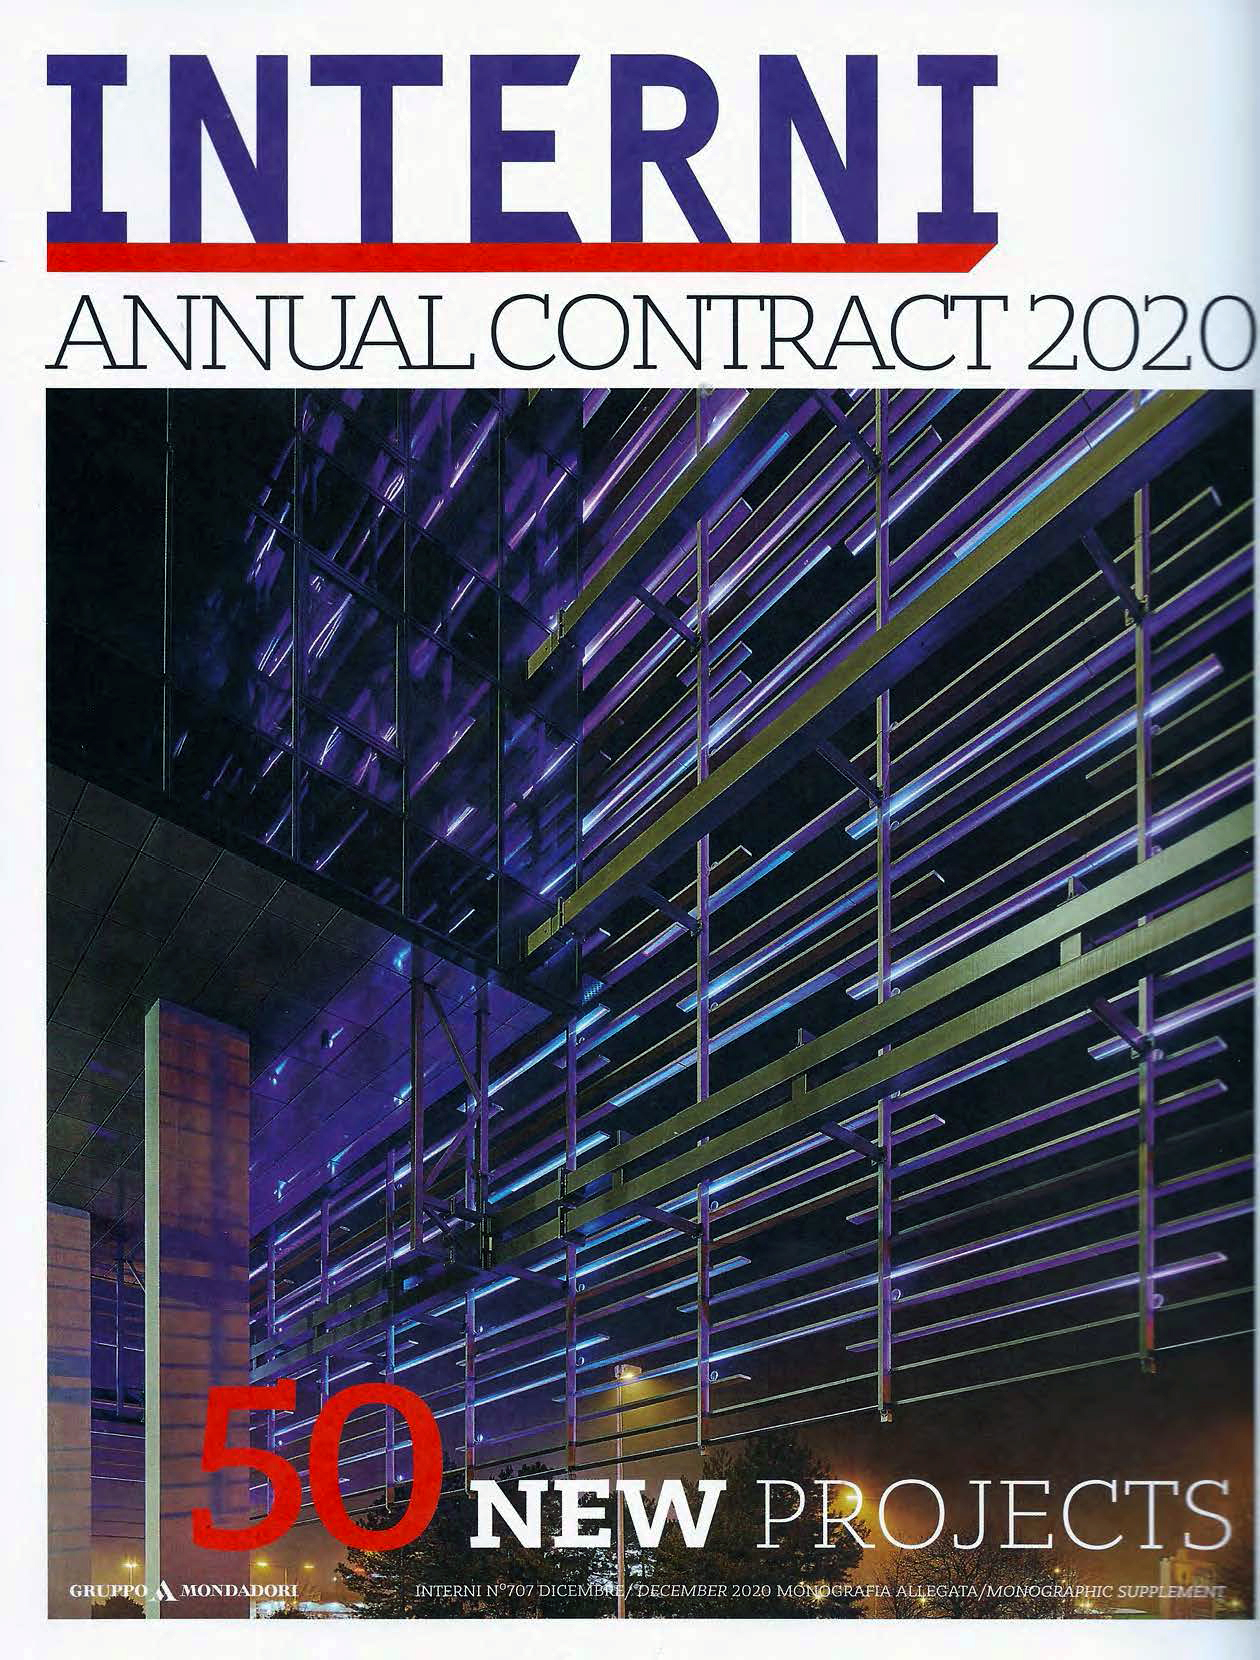 Interni | Annual Contract 2020